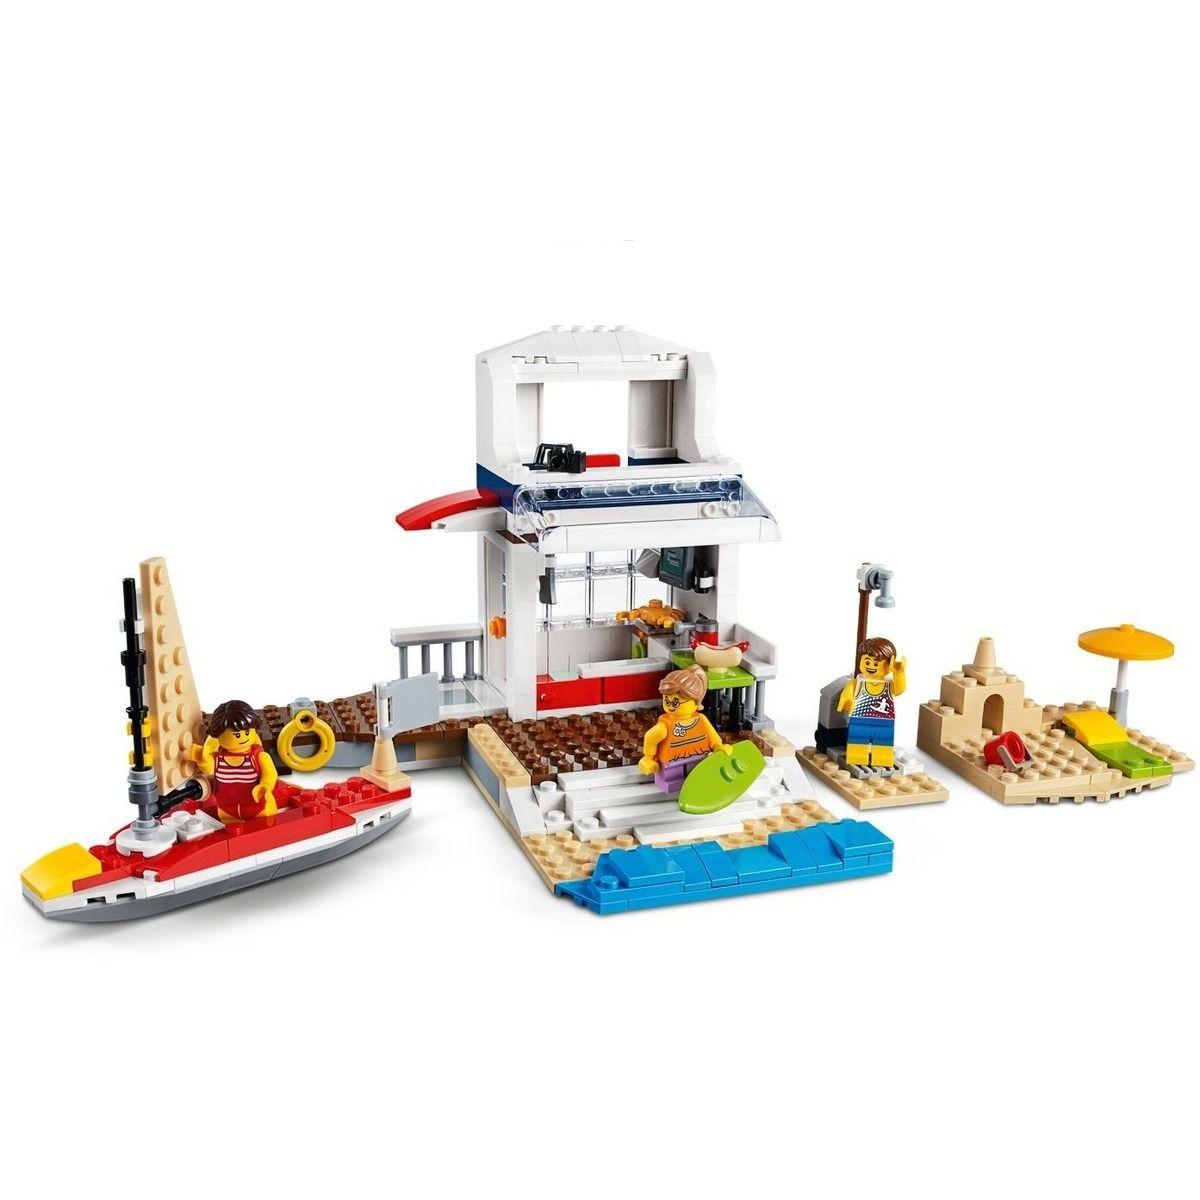 Lego 31083 Creator Aventuras No Cruzeiro 3 em 1 - 597 peças  - Doce Diversão